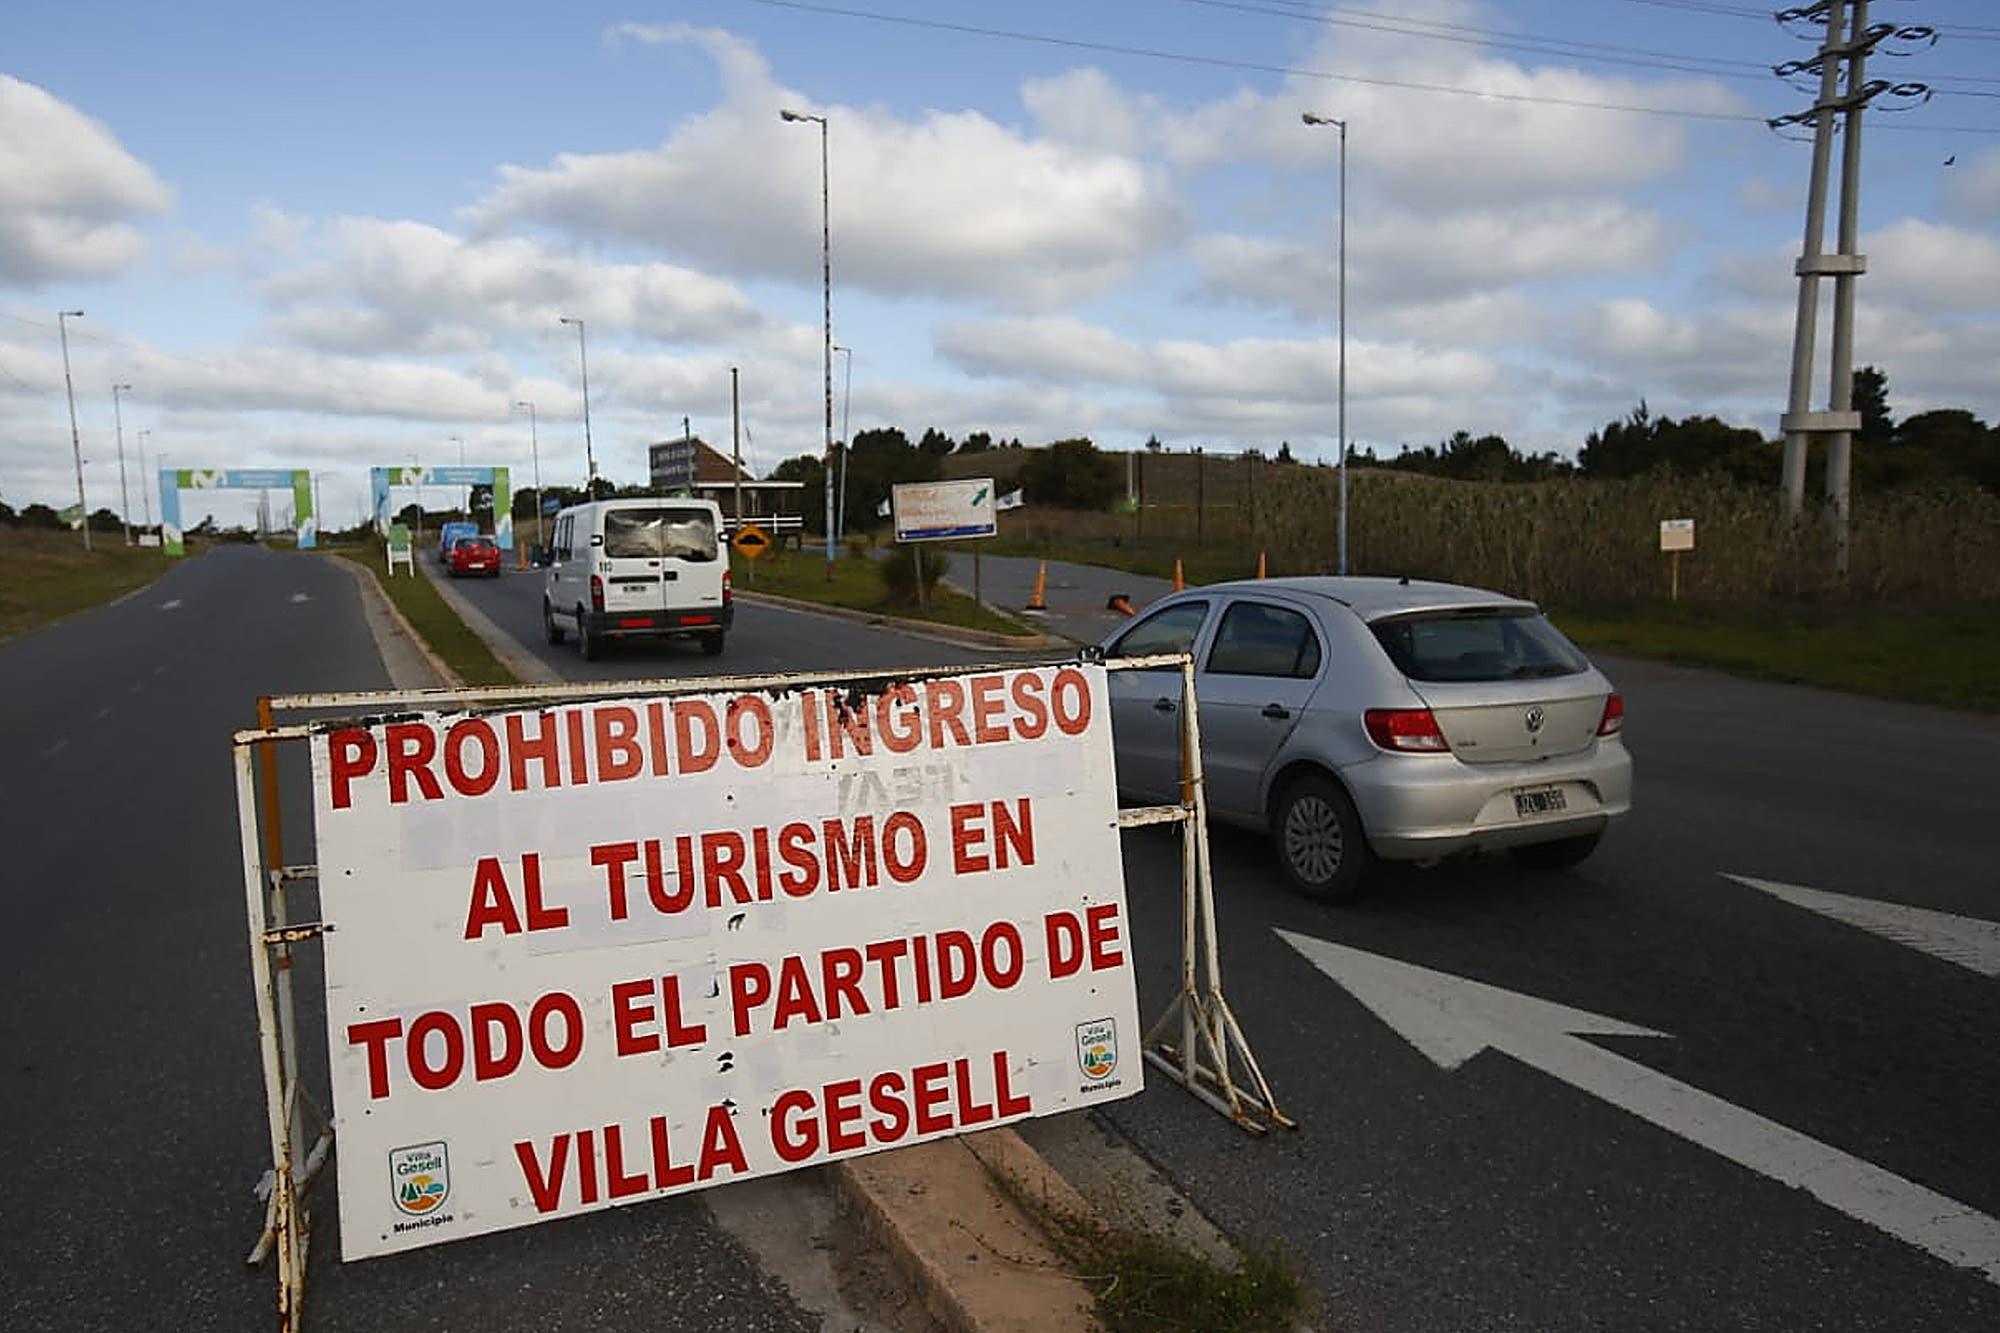 Costa atlántica: ¿qué restricciones hay para los dueños no residentes?